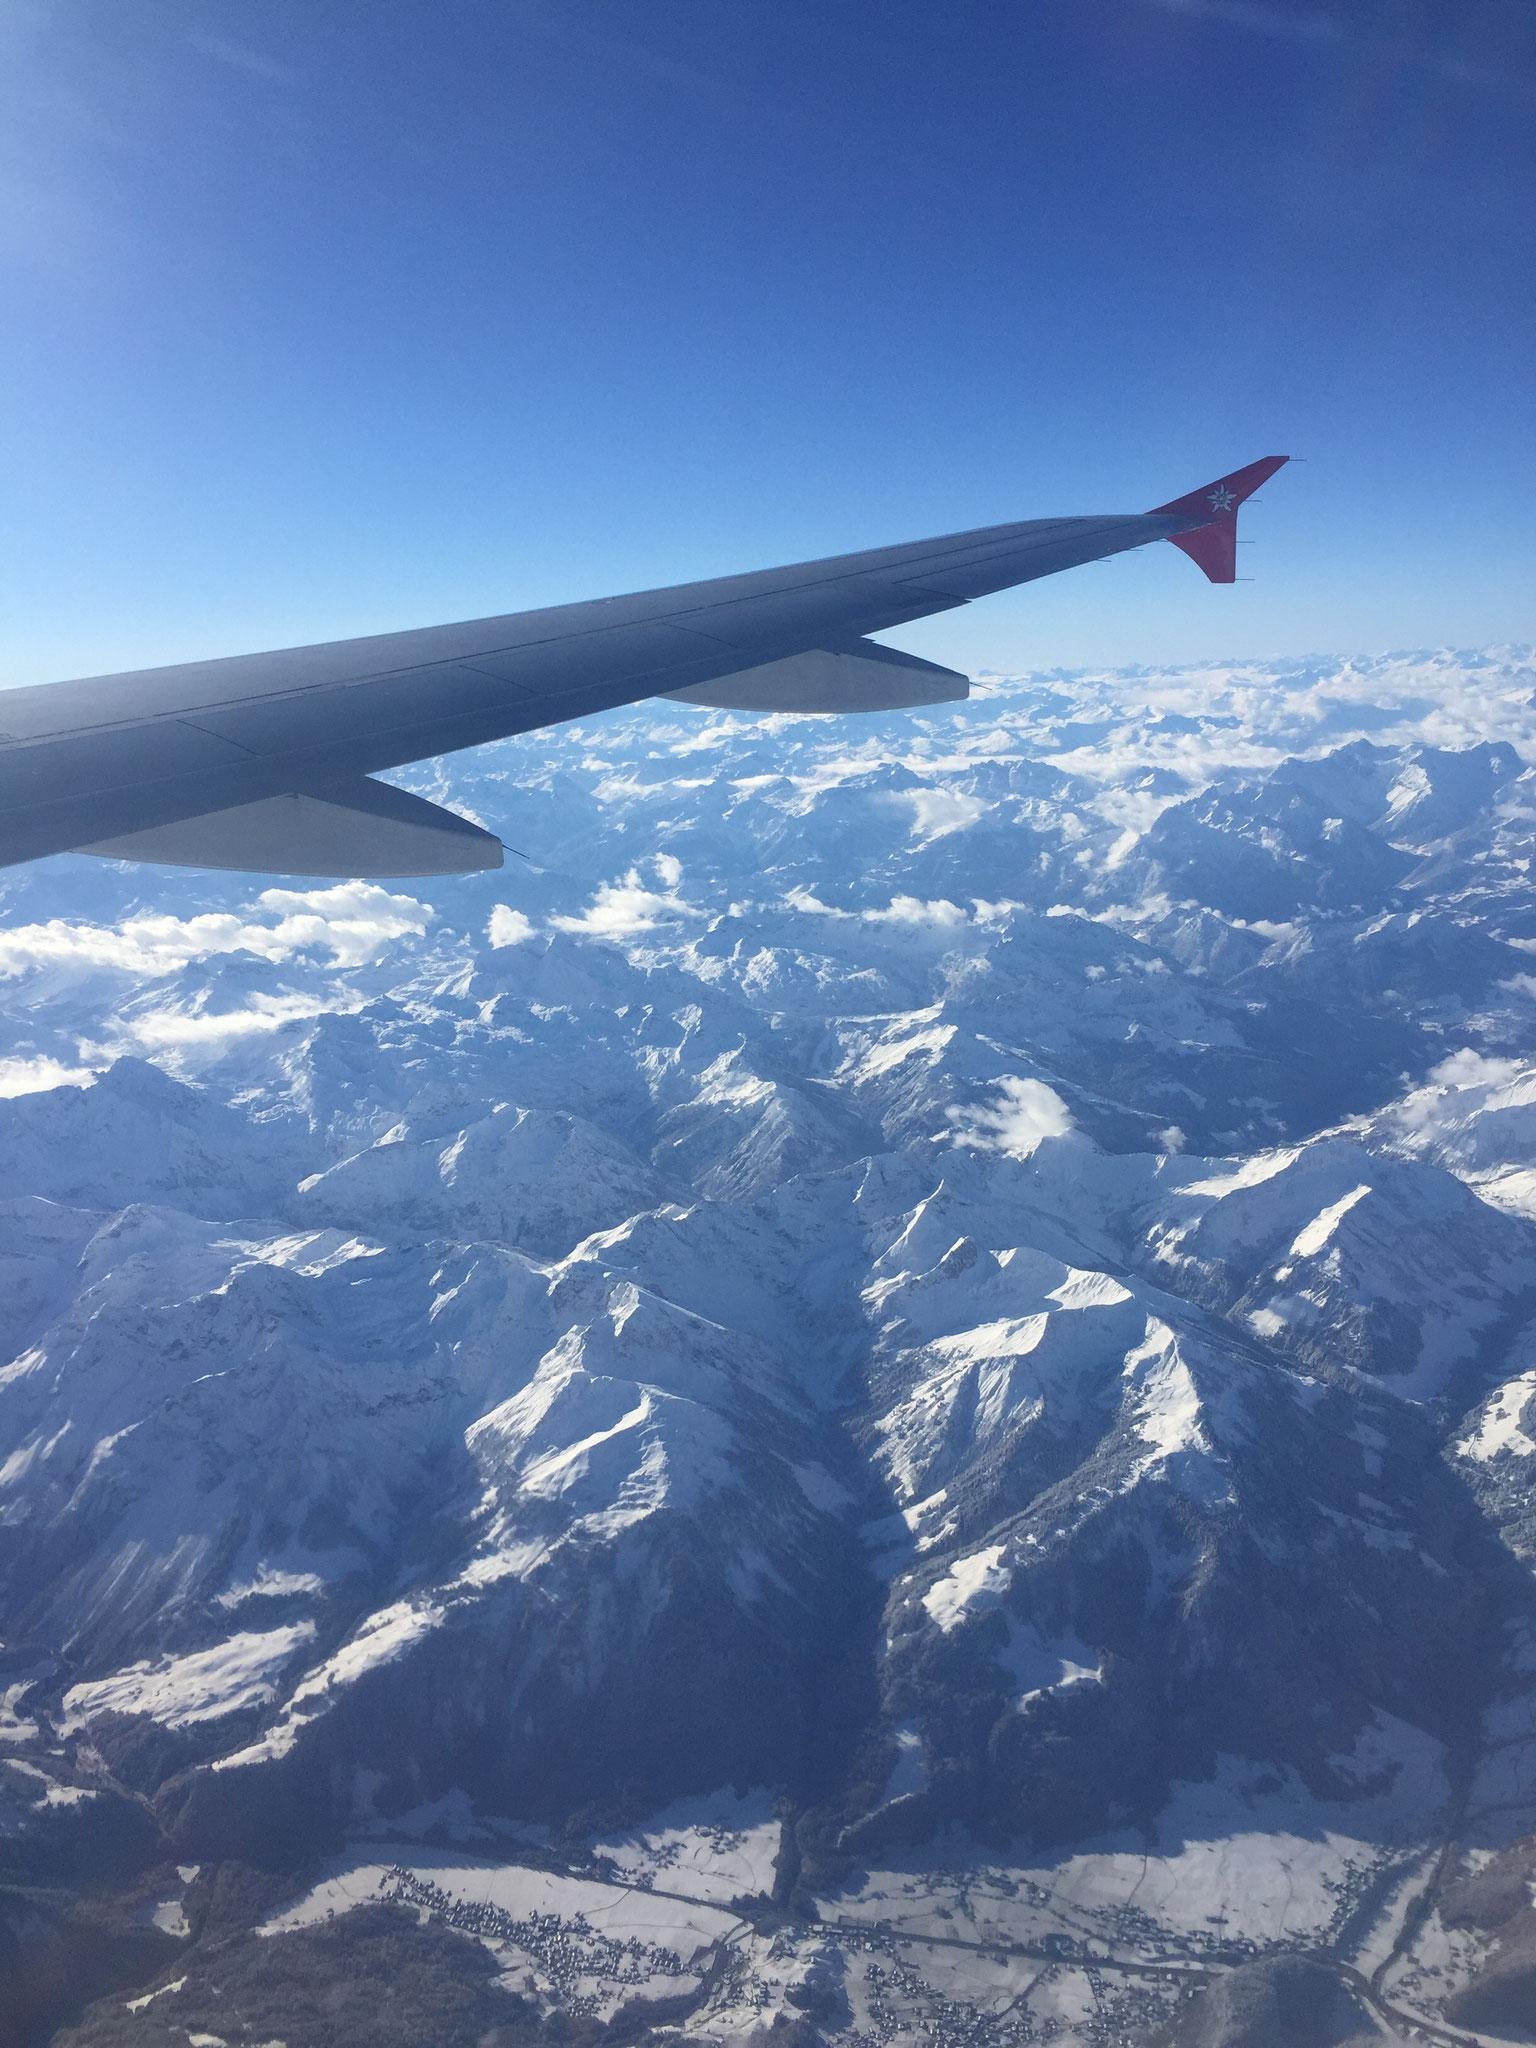 Schon auf dem Flug nach Ägypten viel Sehenswertes - Die Dolomiten